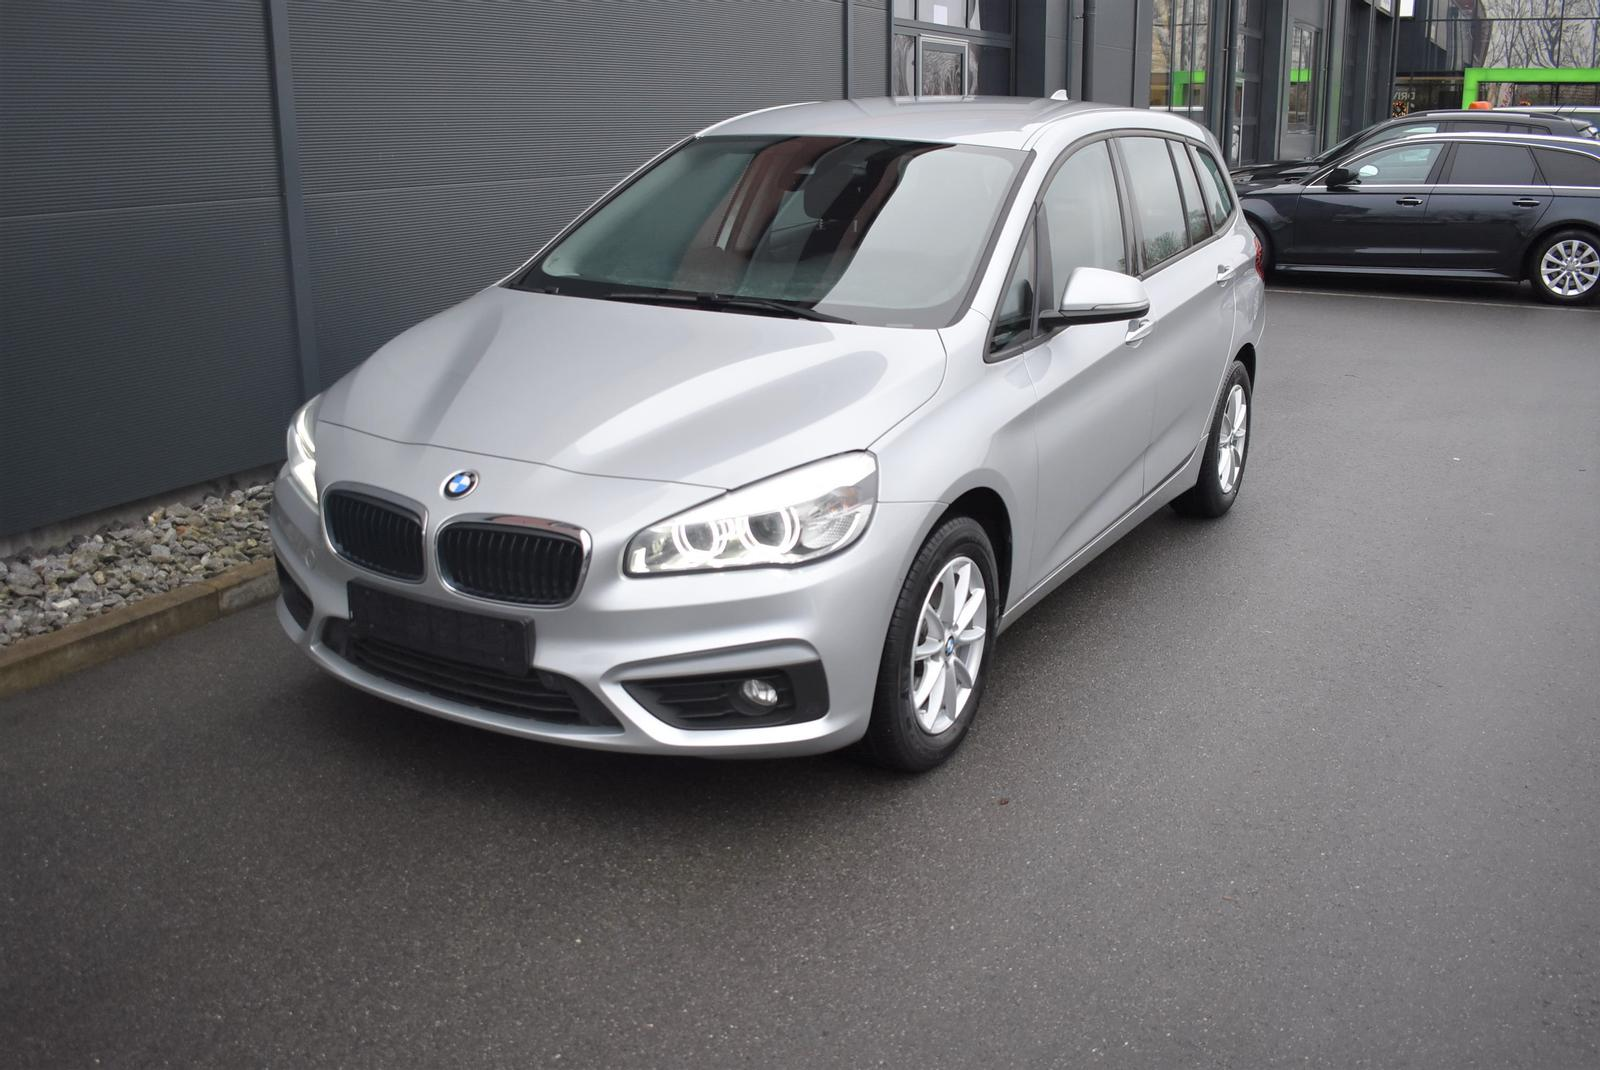 BMW 216d Gran Tourer Advantage AUTOMATIK*AHK*NAVI*LED, Jahr 2017, Diesel